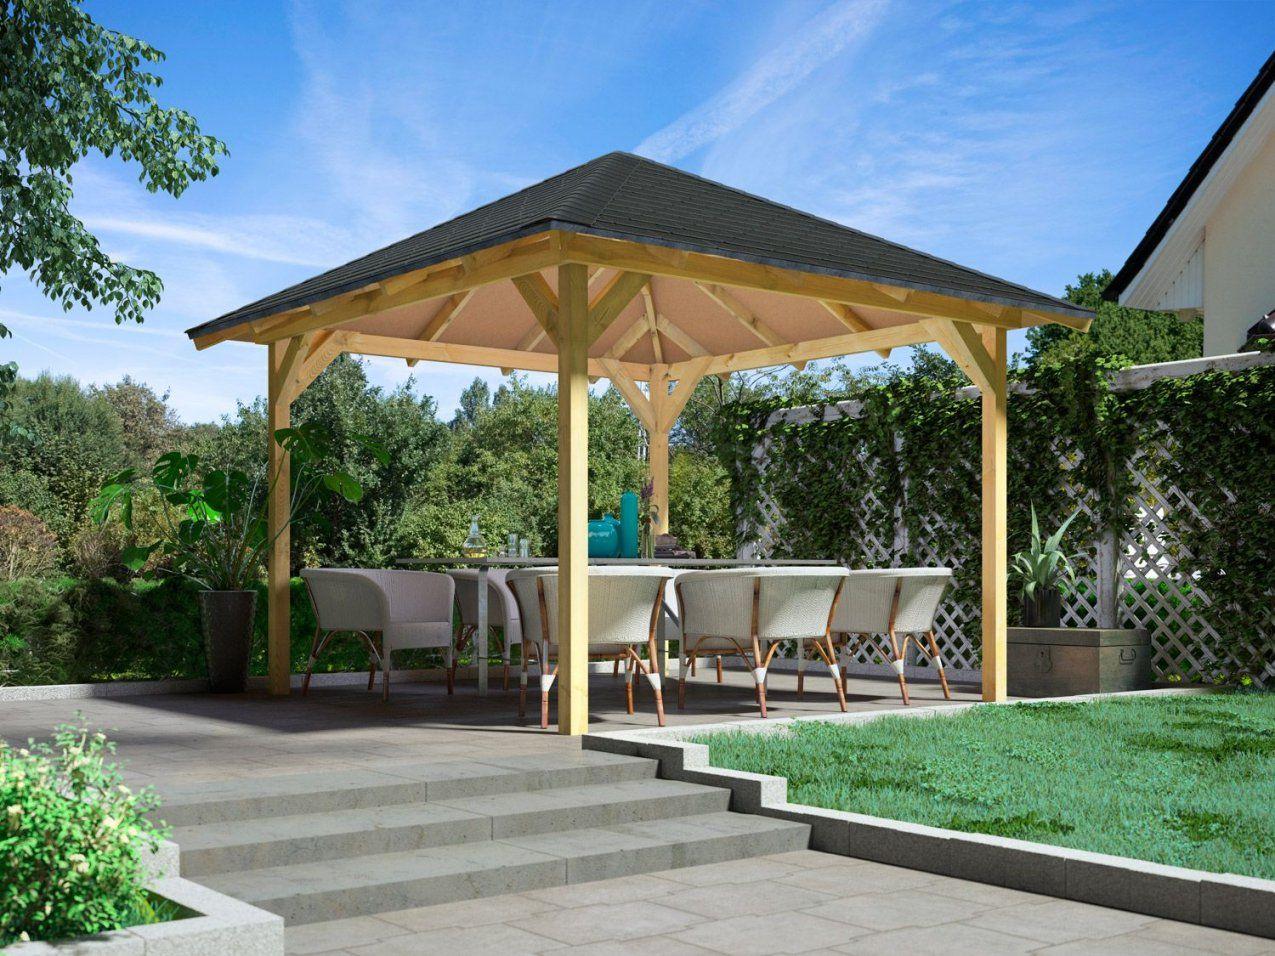 Pavillons & Überdachungen Günstig Online Kaufen  Lidl von Holz Pavillon Bausatz Günstig Bild